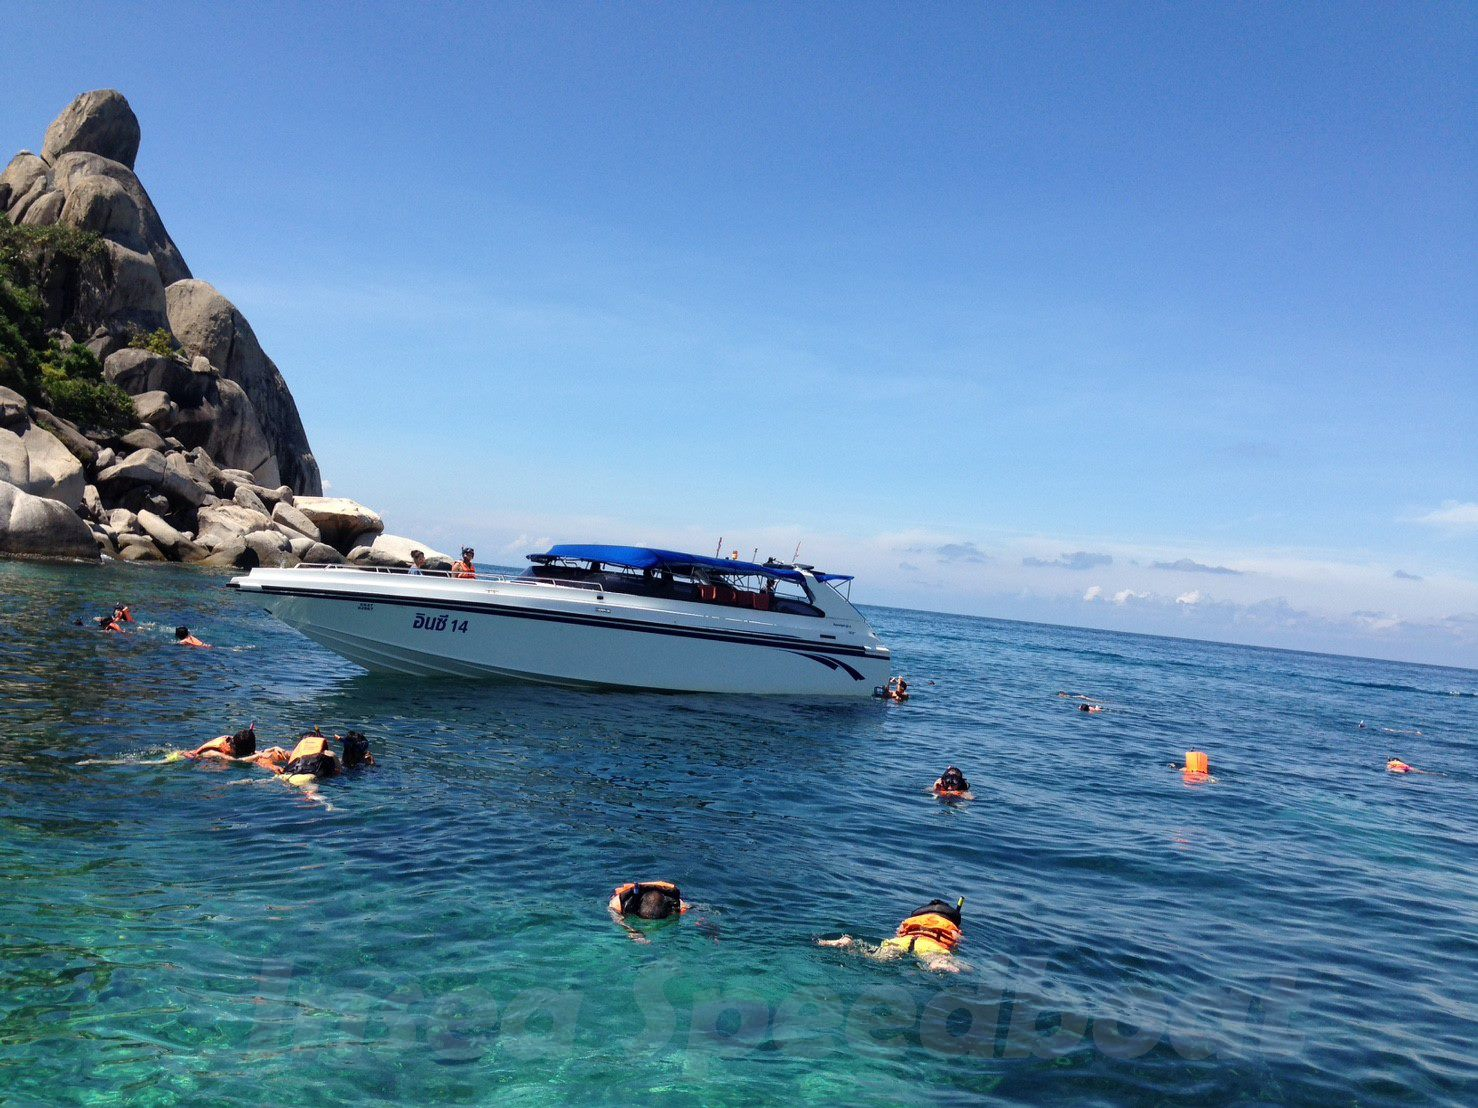 3アイランドホッピング!スピードボート利用タオ島ナンユアン島&パンガン島シュノーケルツアー タオ島ランチ